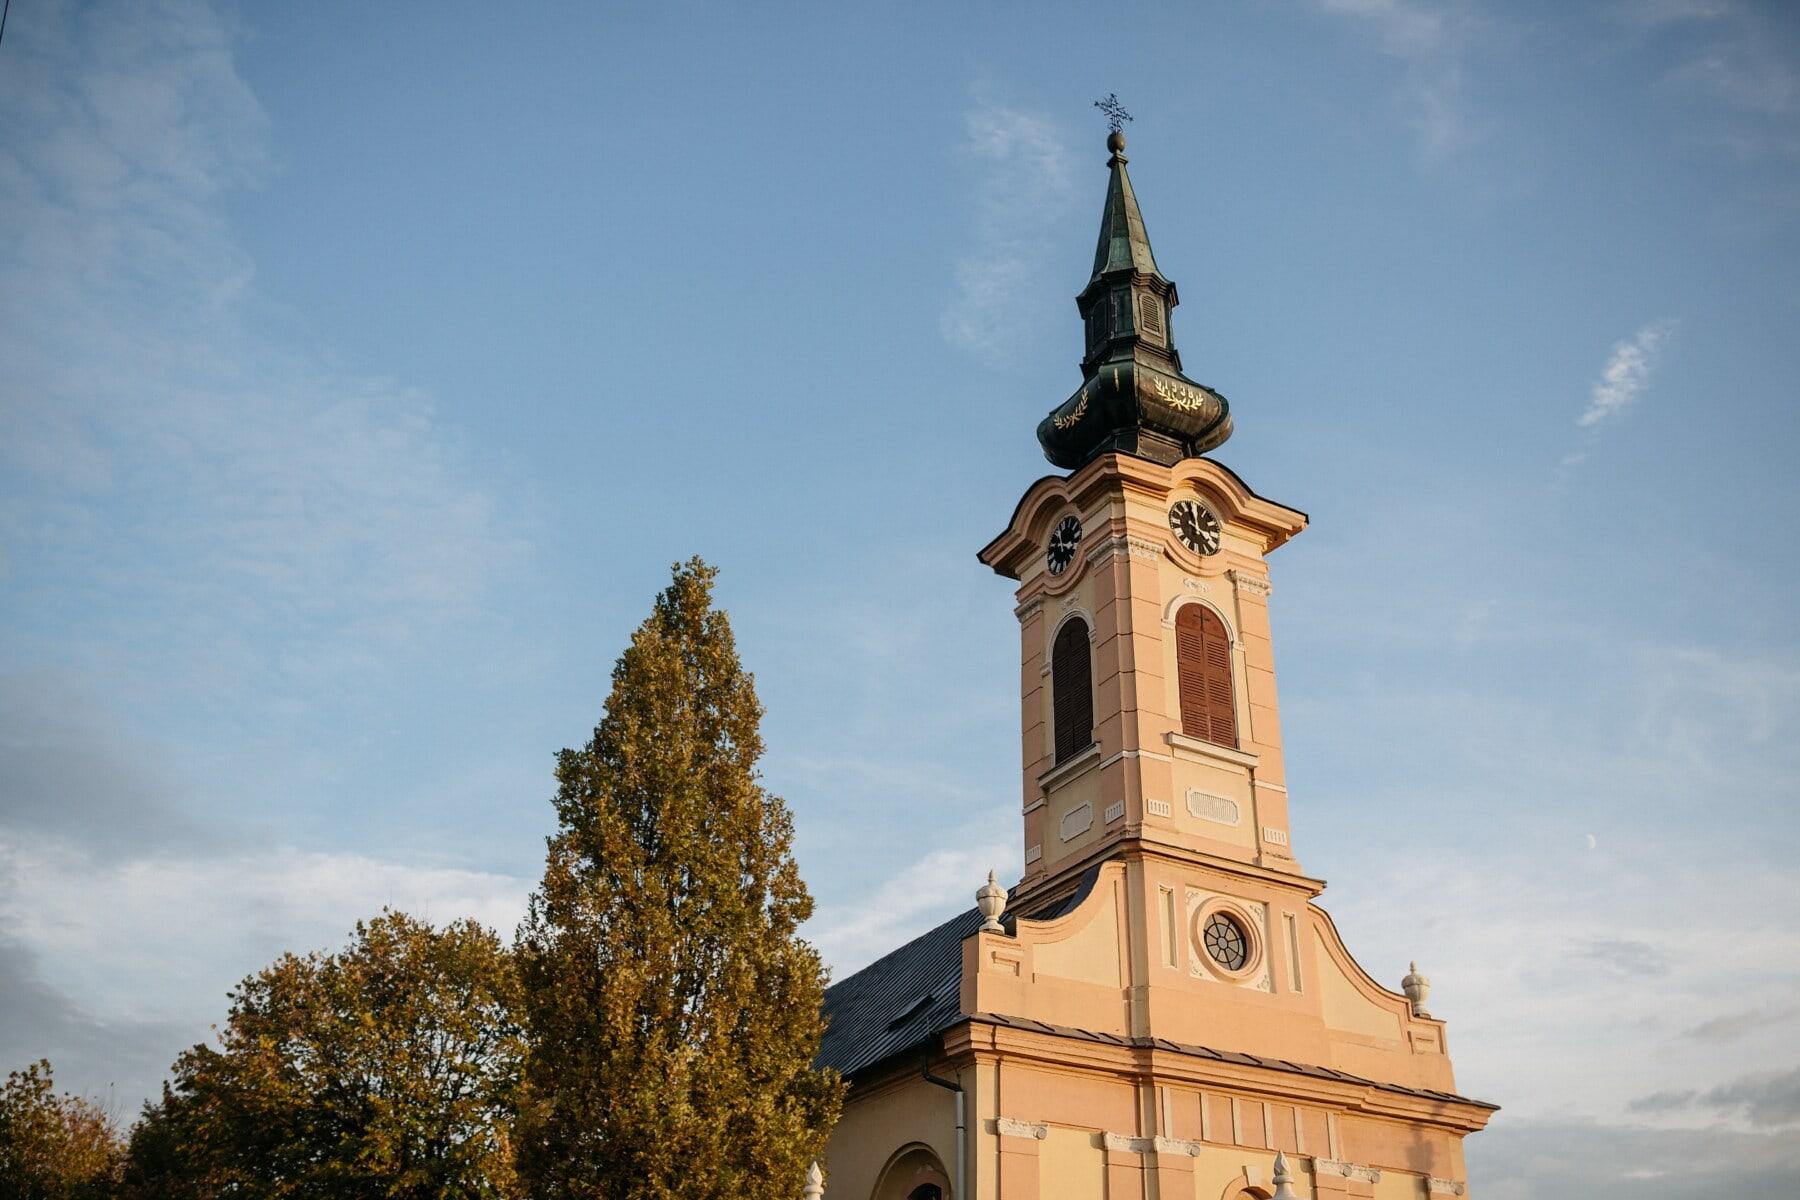 kerk, Christendom, gevel, kerktoren, toren, zon, religie, bekleding, het platform, oude